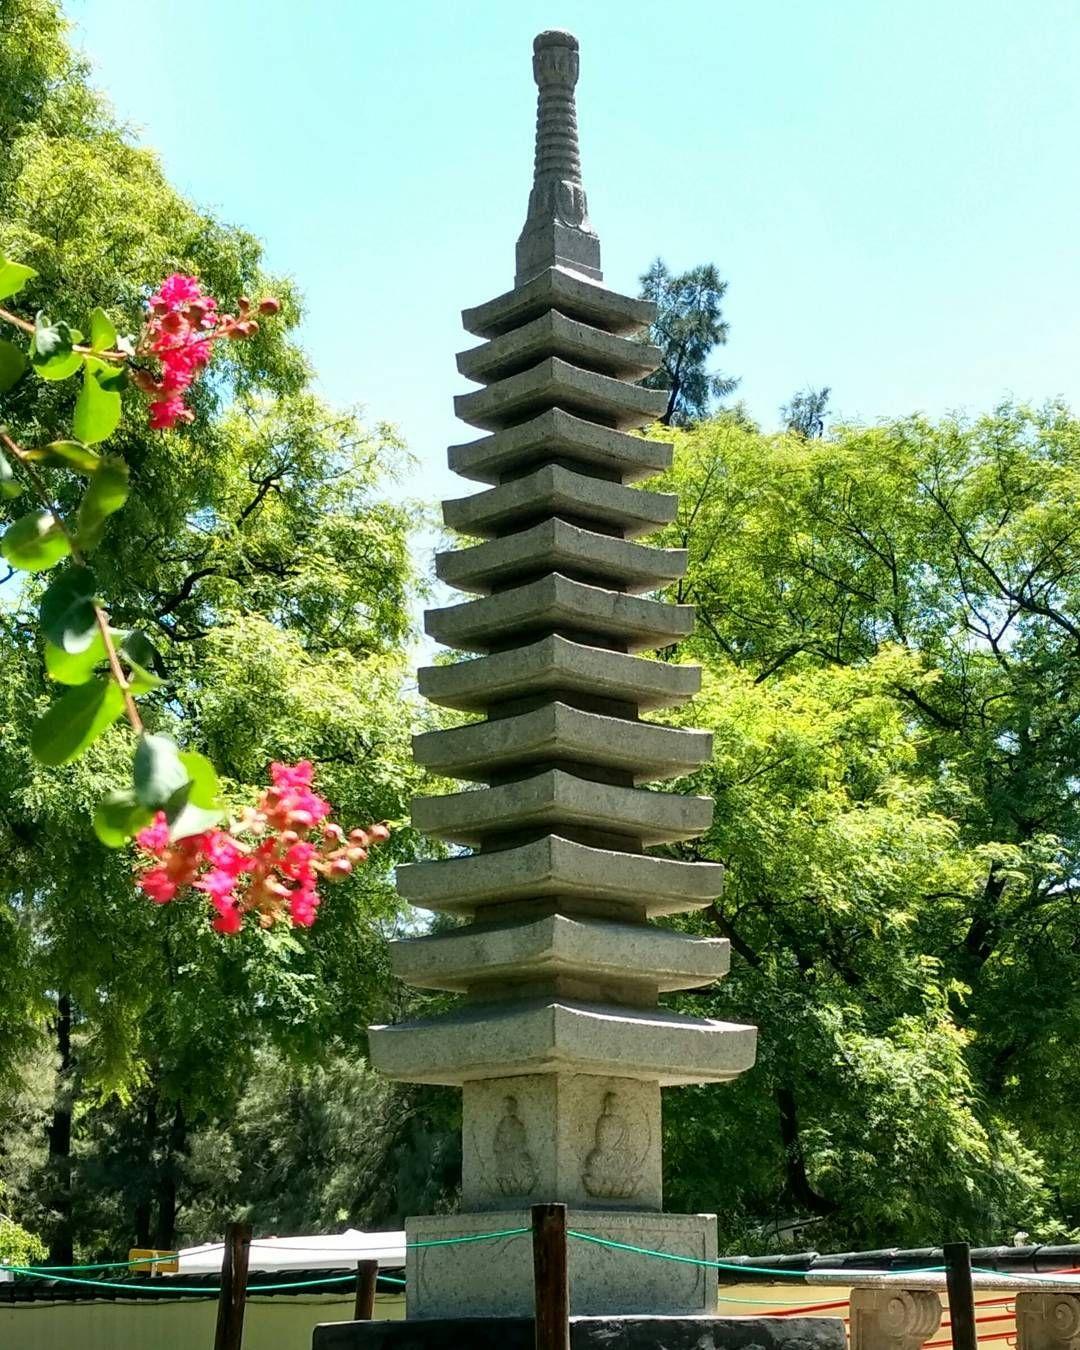 """571 Me gusta, 1 comentarios - Jardín Japonés (@jardinjapones) en Instagram: """"Otro atractivo del jardín:  Torre de los 13 aleros.  Representan a la divinidad  y a las etapas…"""""""